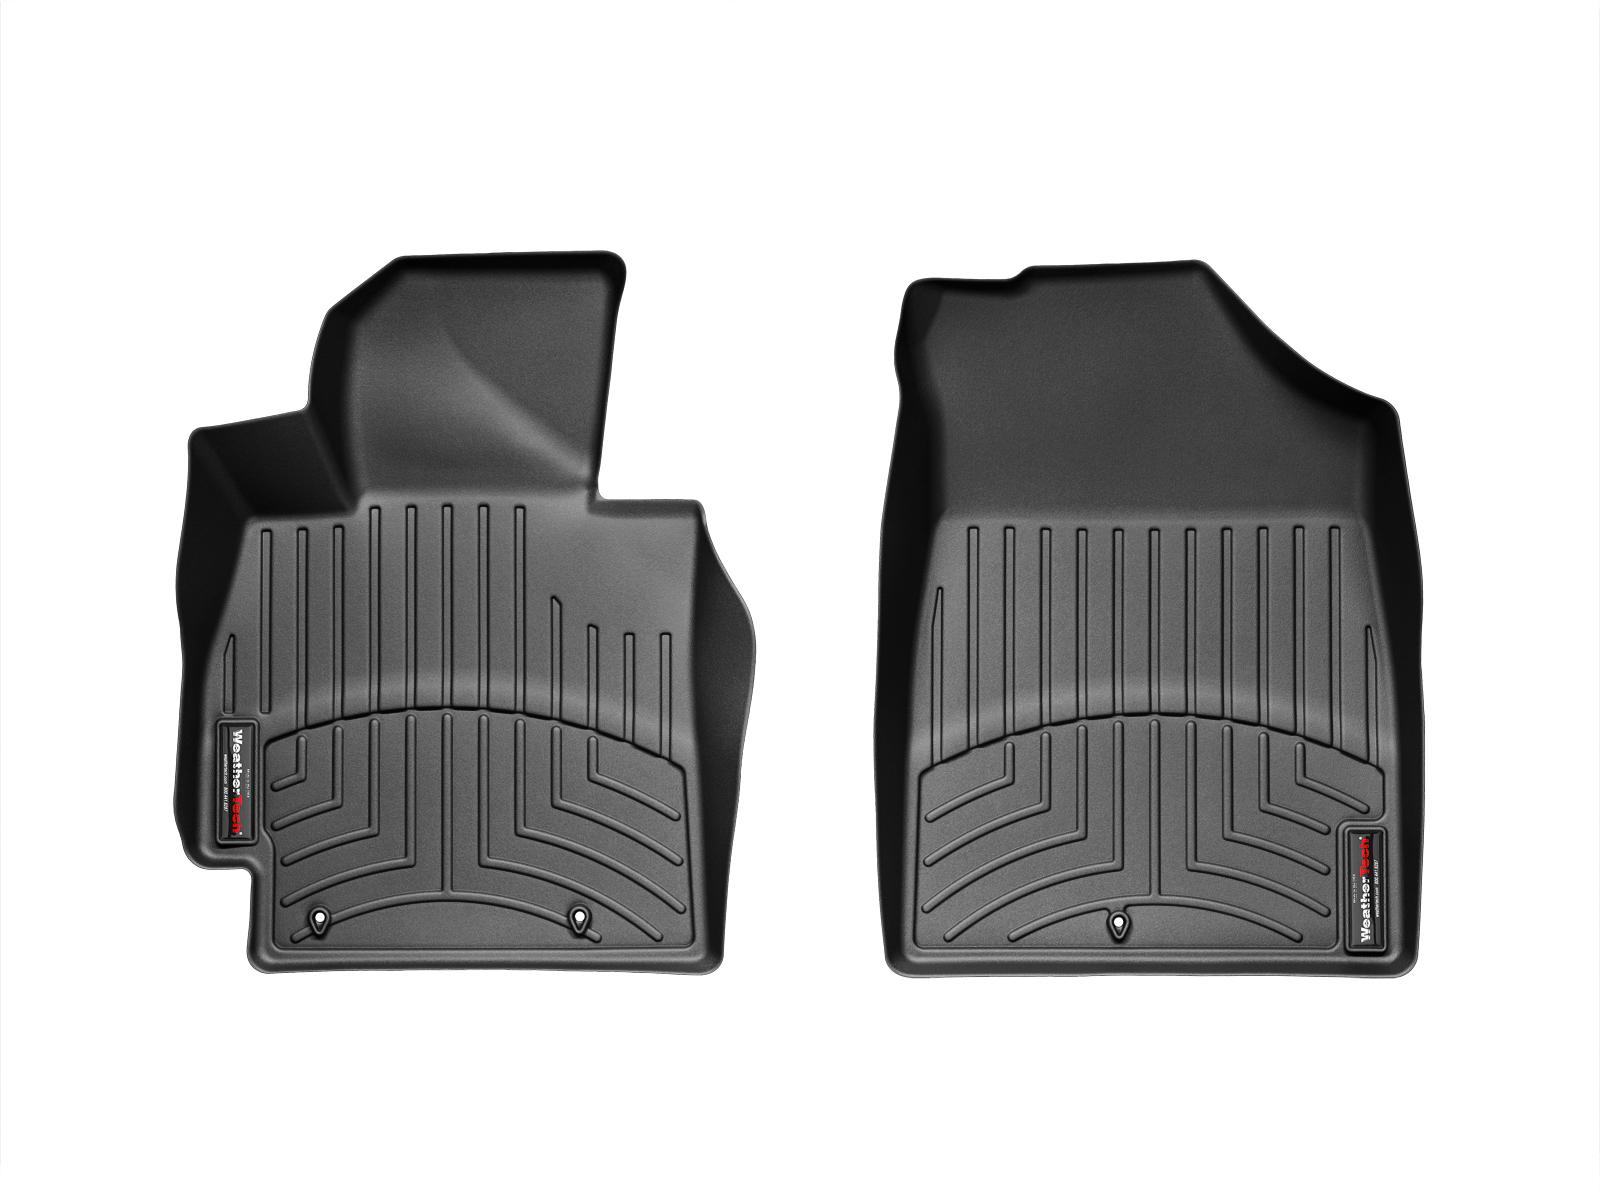 Tappeti gomma su misura bordo alto Hyundai Veloster 11>16 Nero A1506